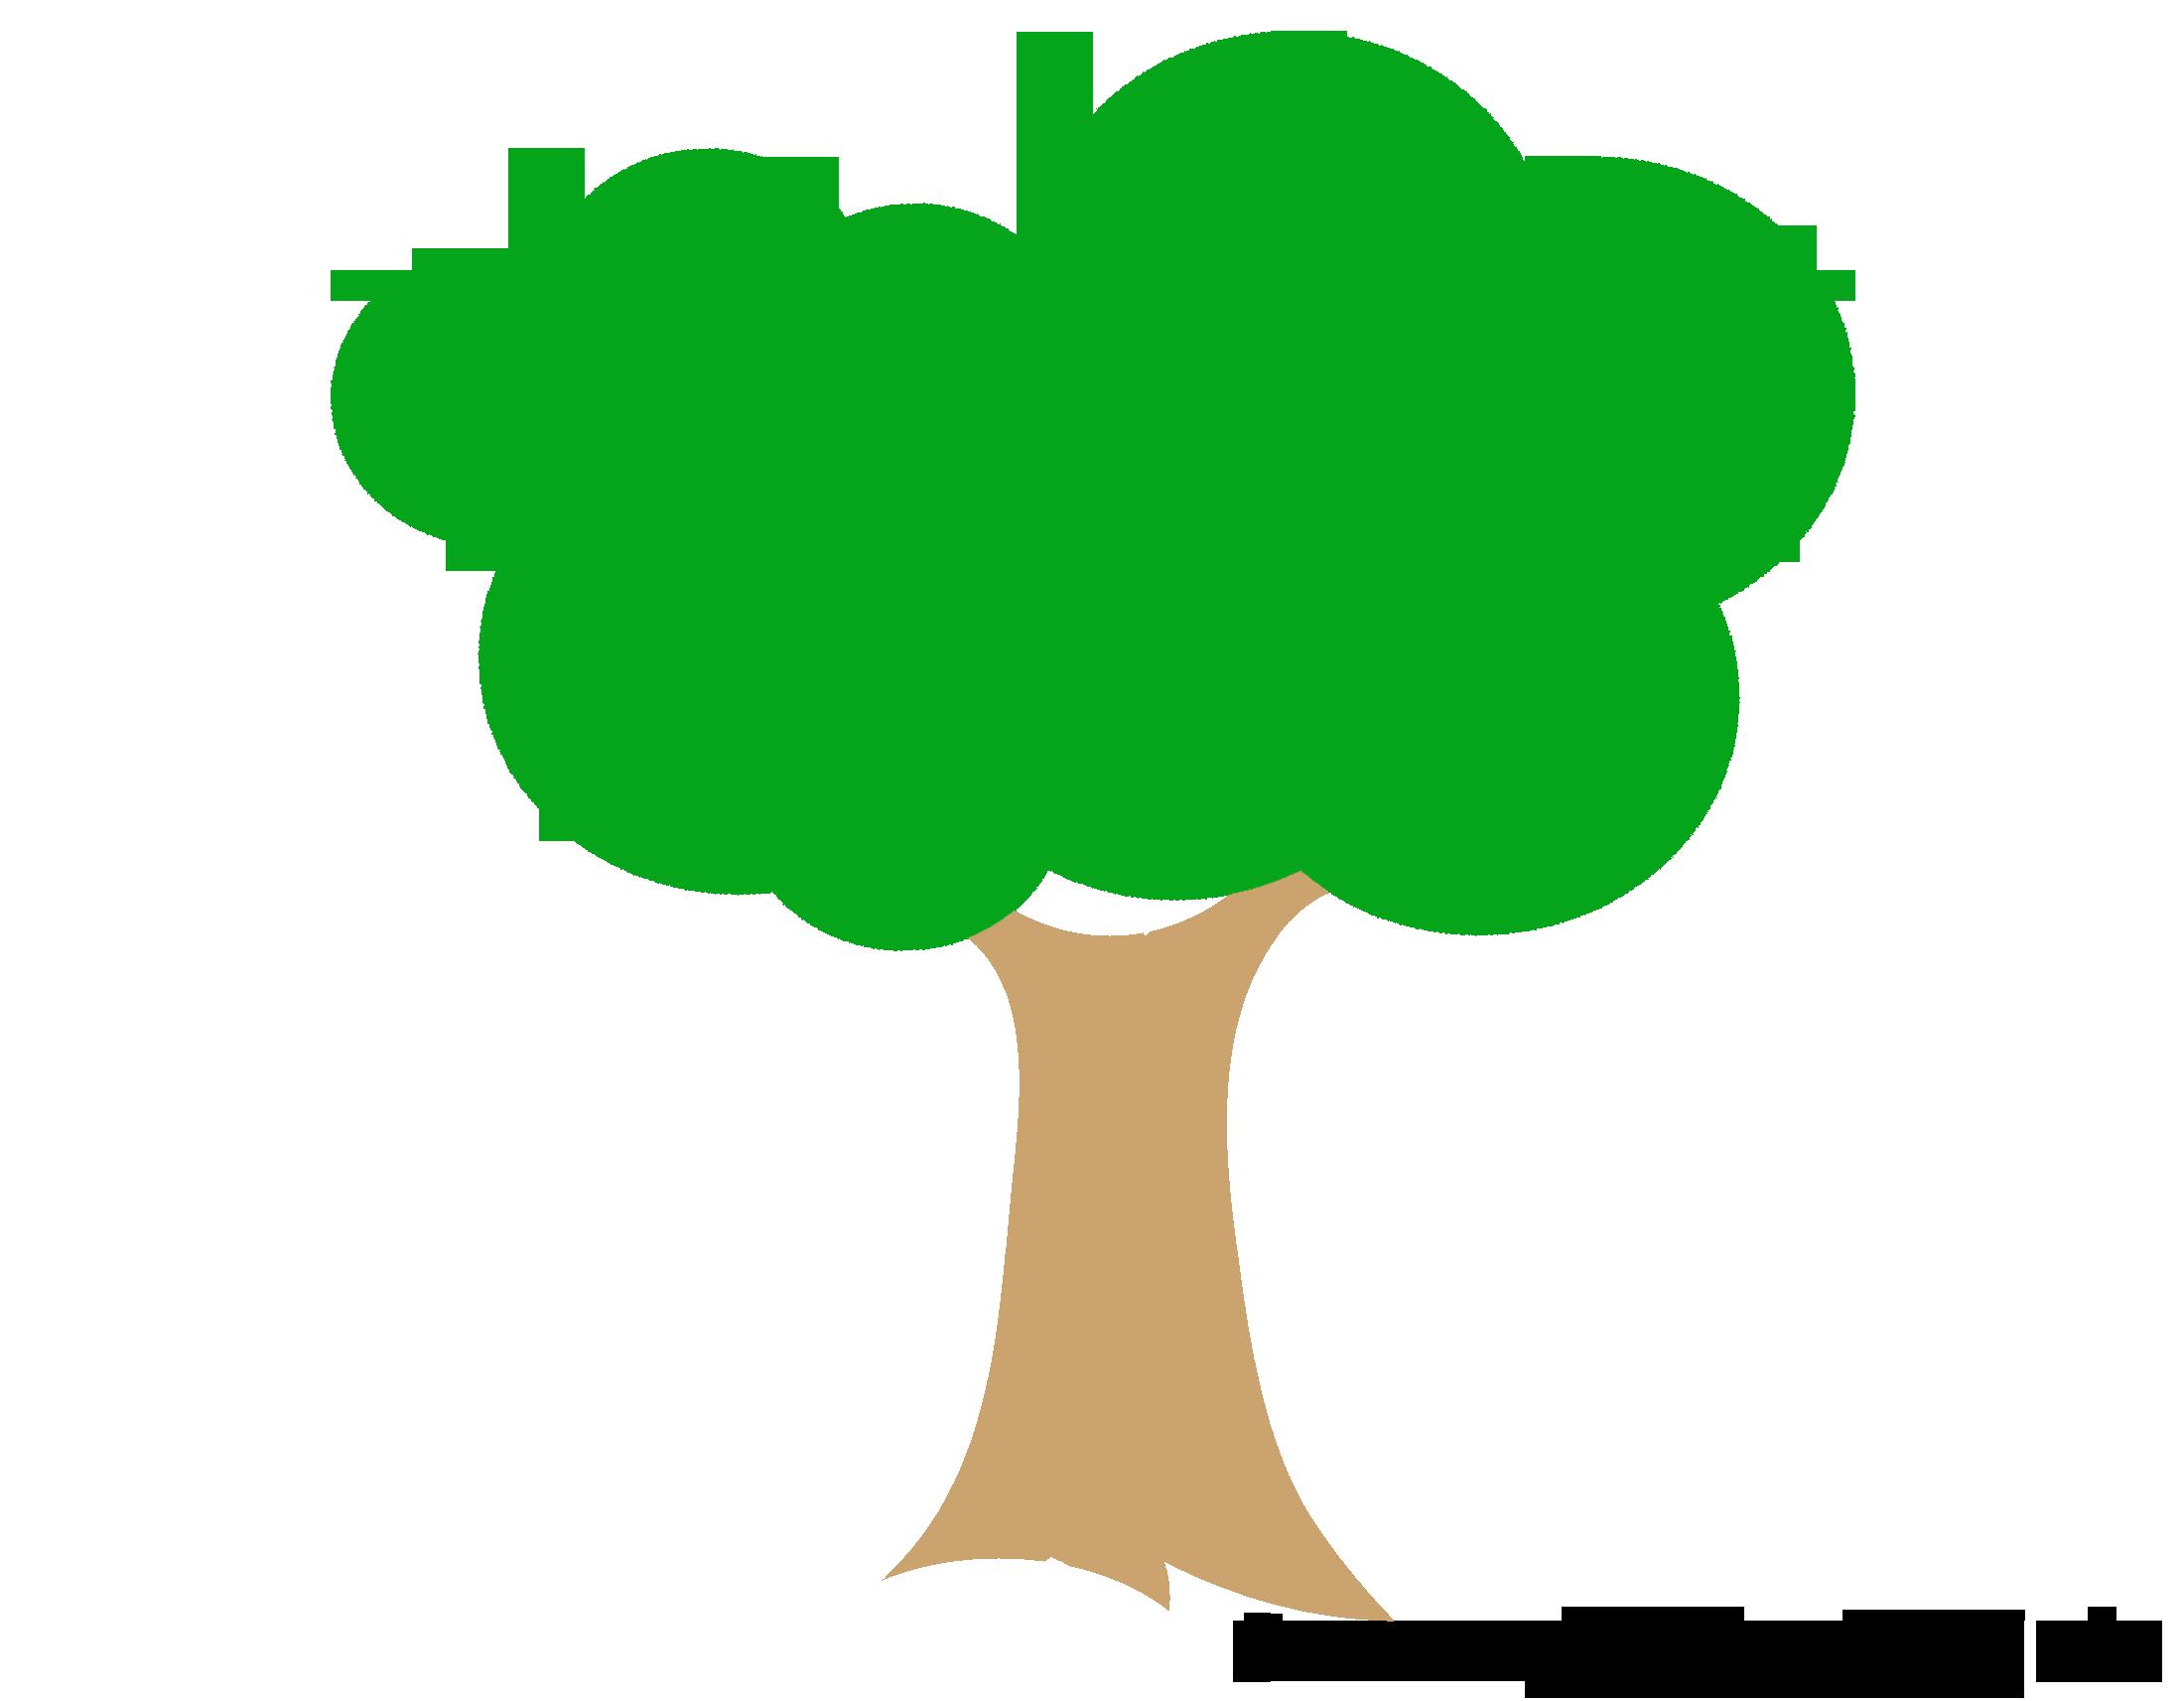 Baum Clipart Png.